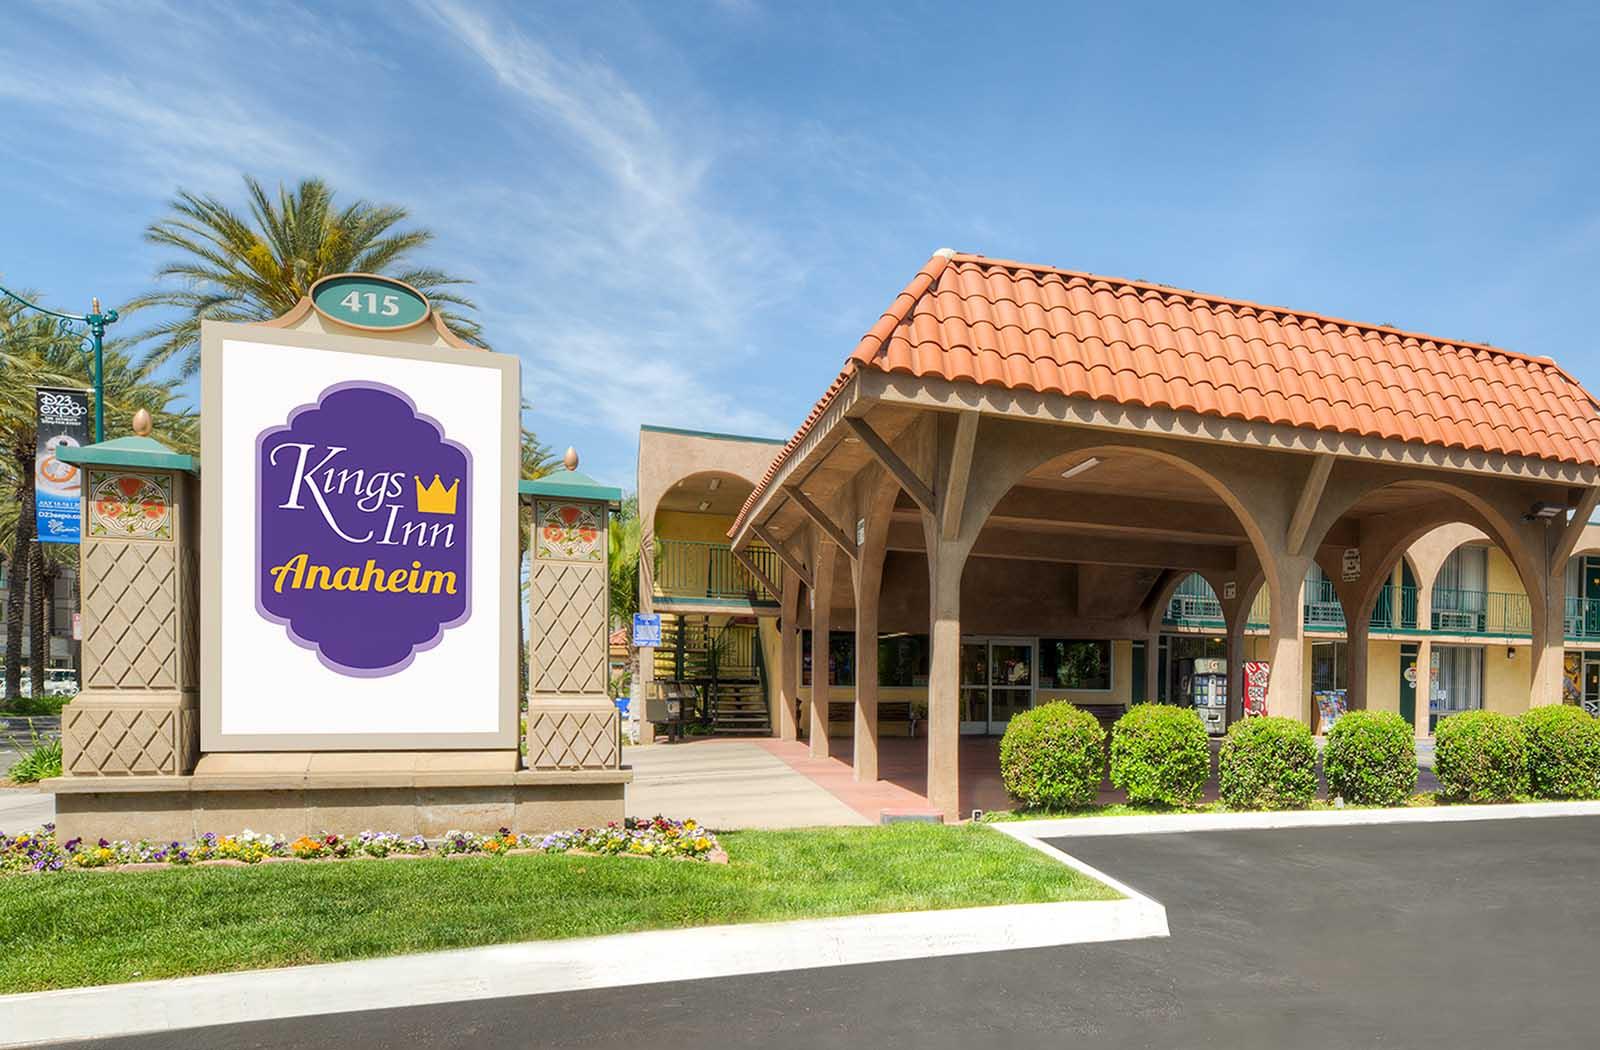 Kings-Inn-Anaheim-formerly-Super-8-Anaheim_0000_Introducing-KingsInn-Anaheim-Cropped-Print.tif